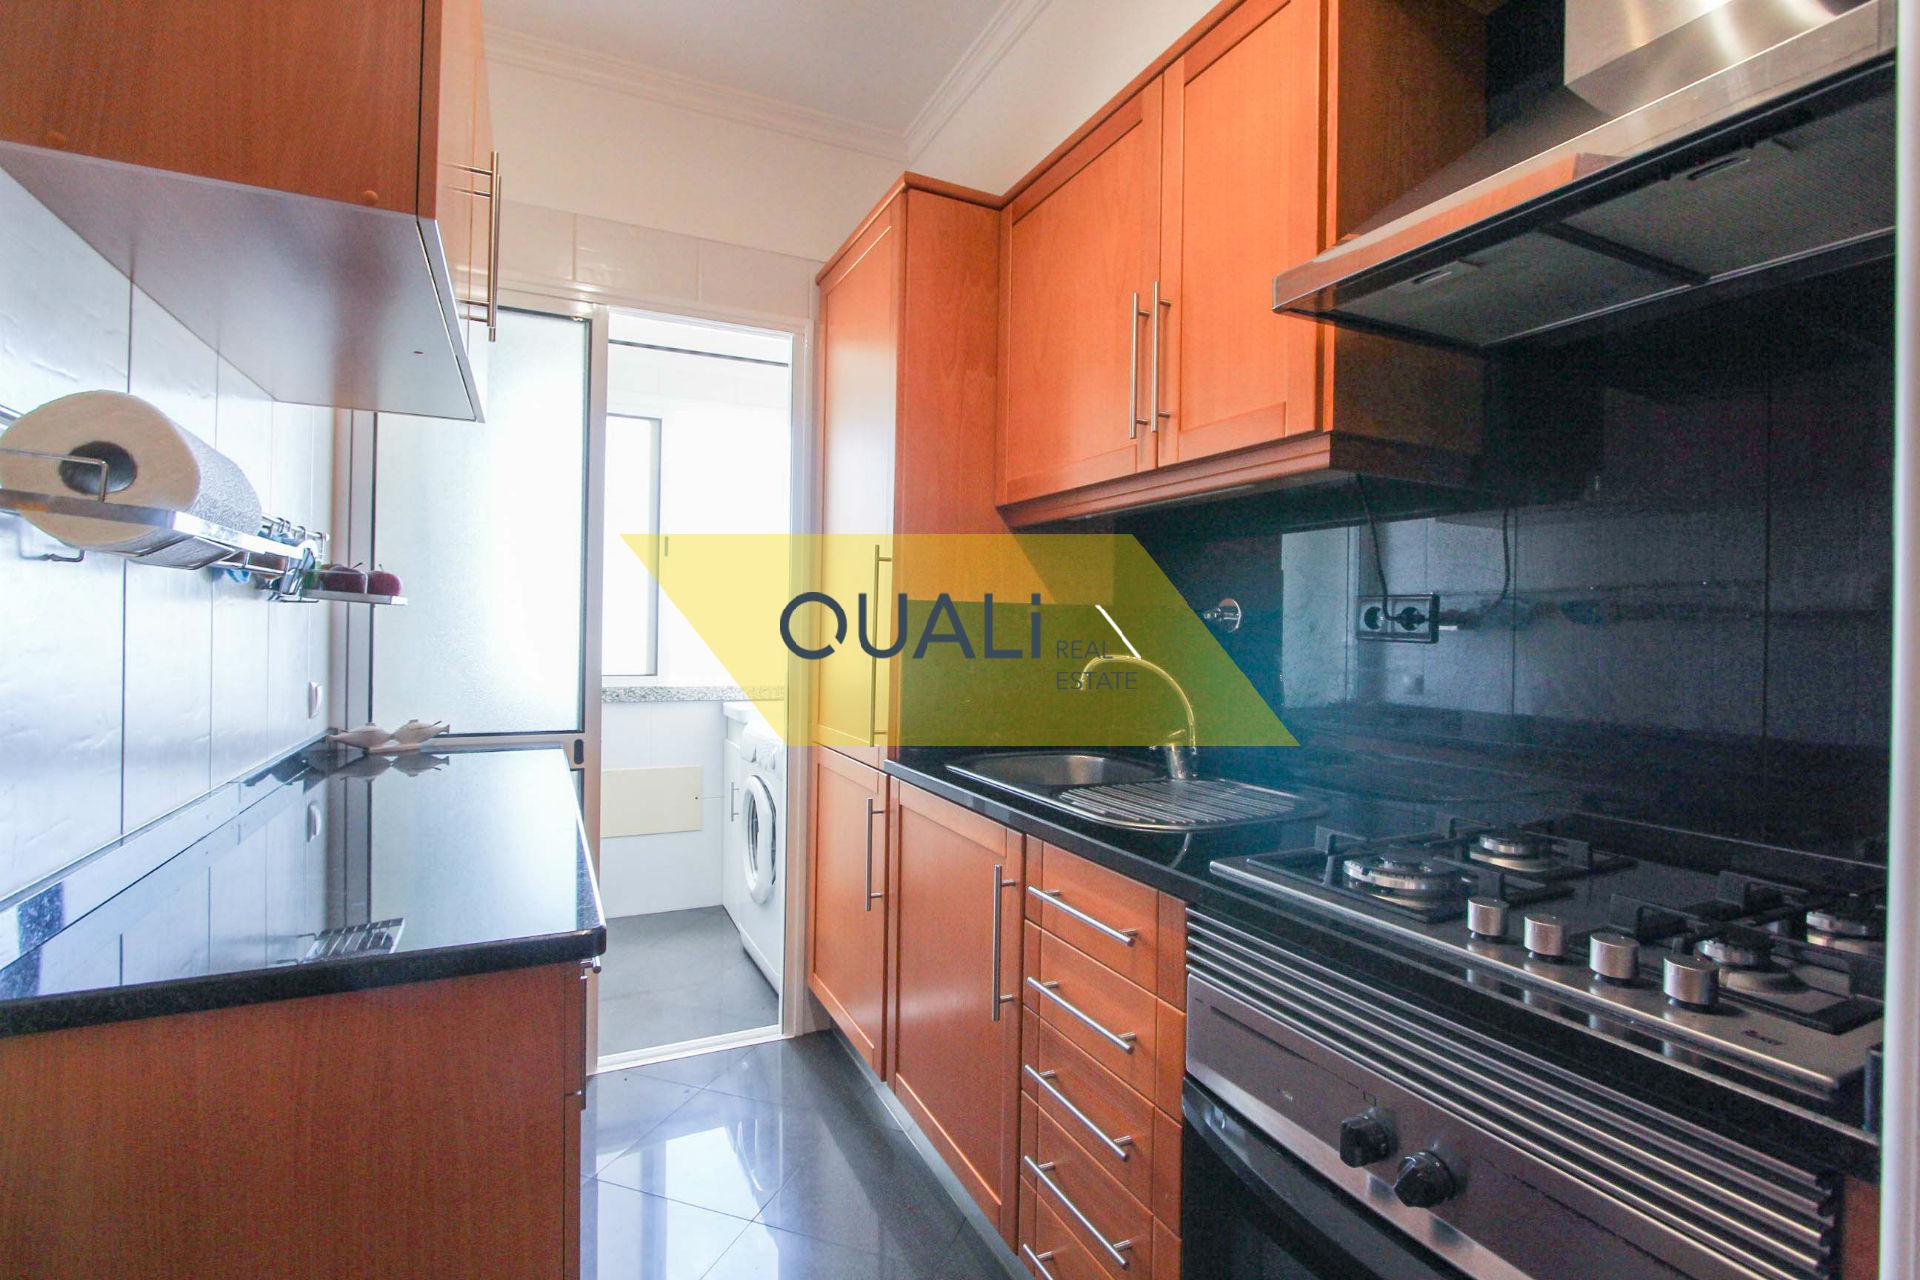 Apartamento T1 - Santa Cruz, Caniço - €99.000,00